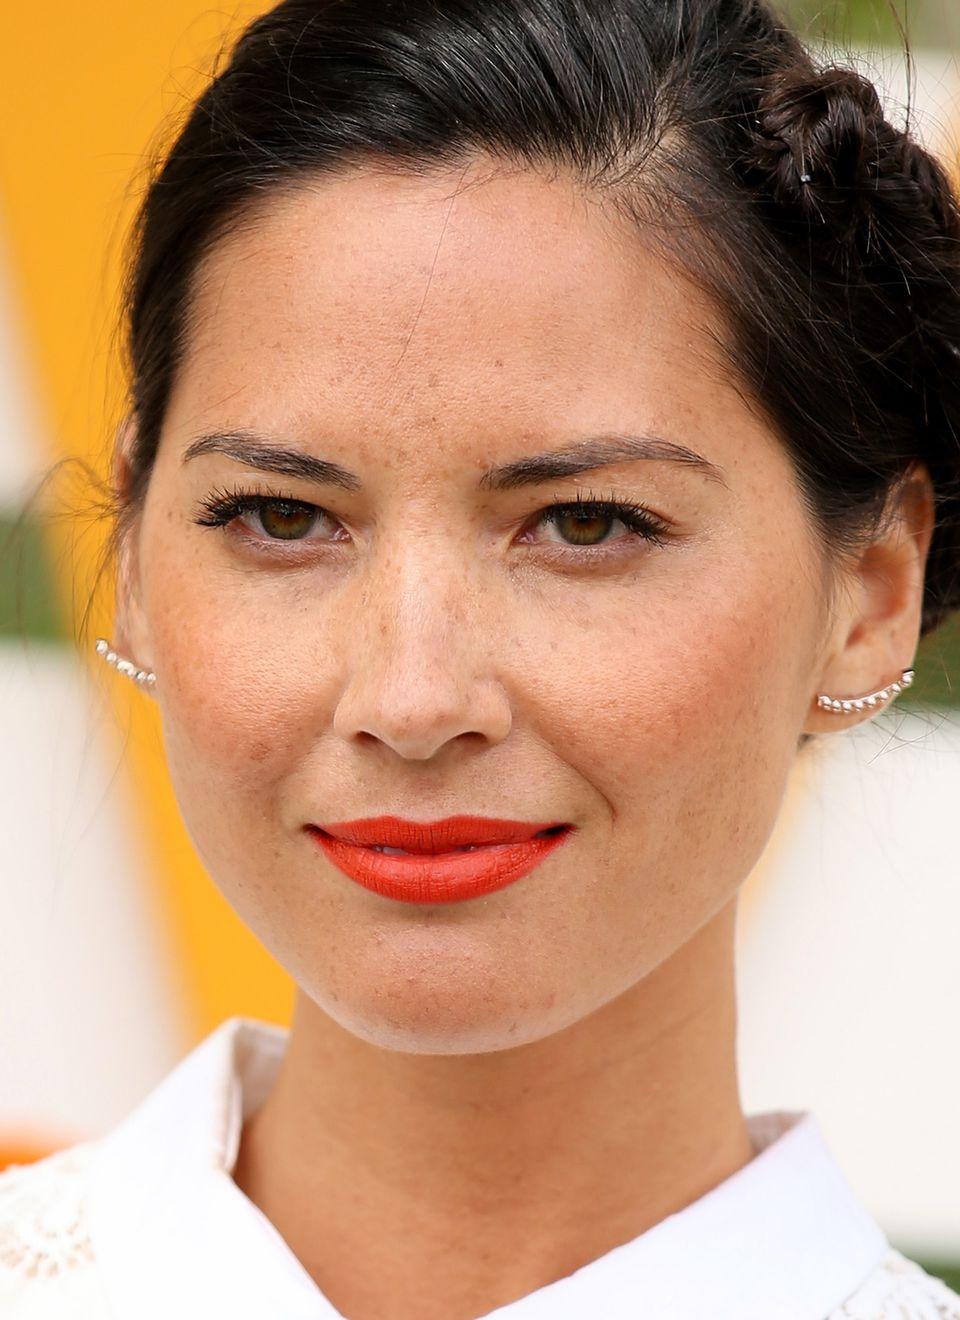 Olivia Munn hat nicht nur strahlend grün-braune Augen, auch die Sommersprossen im ganzen Gesicht machen sie zu einer sehr besonderen Schönheit.